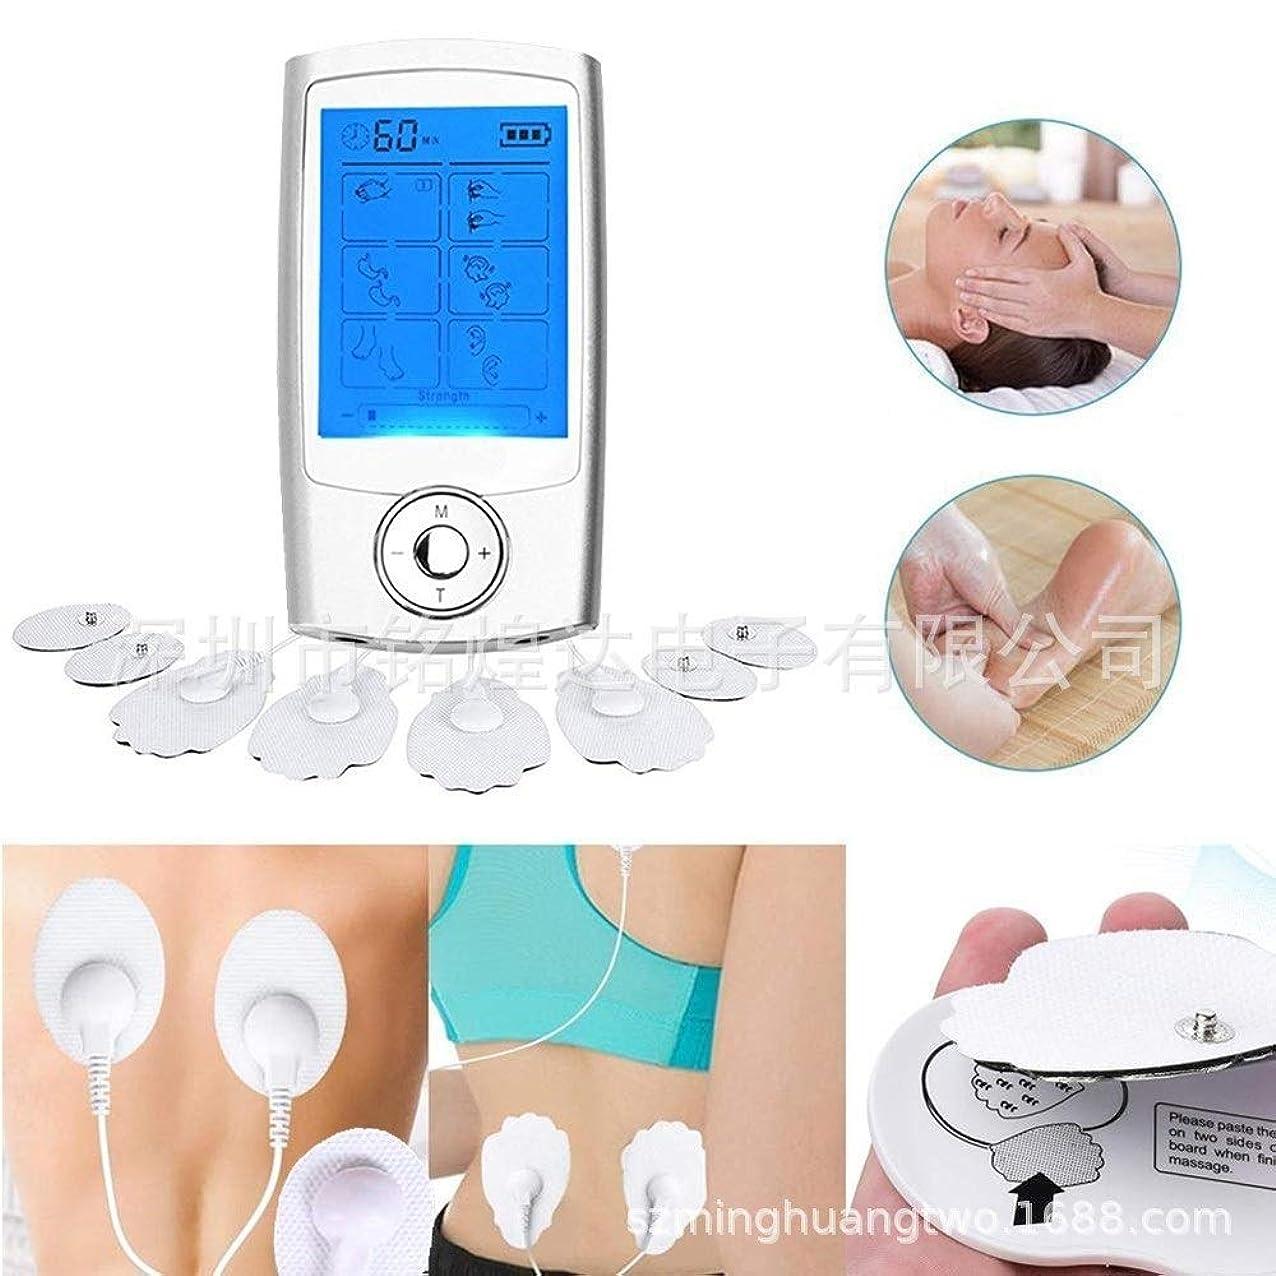 まさにトリプル警戒16モード筋肉刺激装置充電式デジタルセラピー全身鍼治療マッサージ筋肉痛緩和治療4パッド付き10機